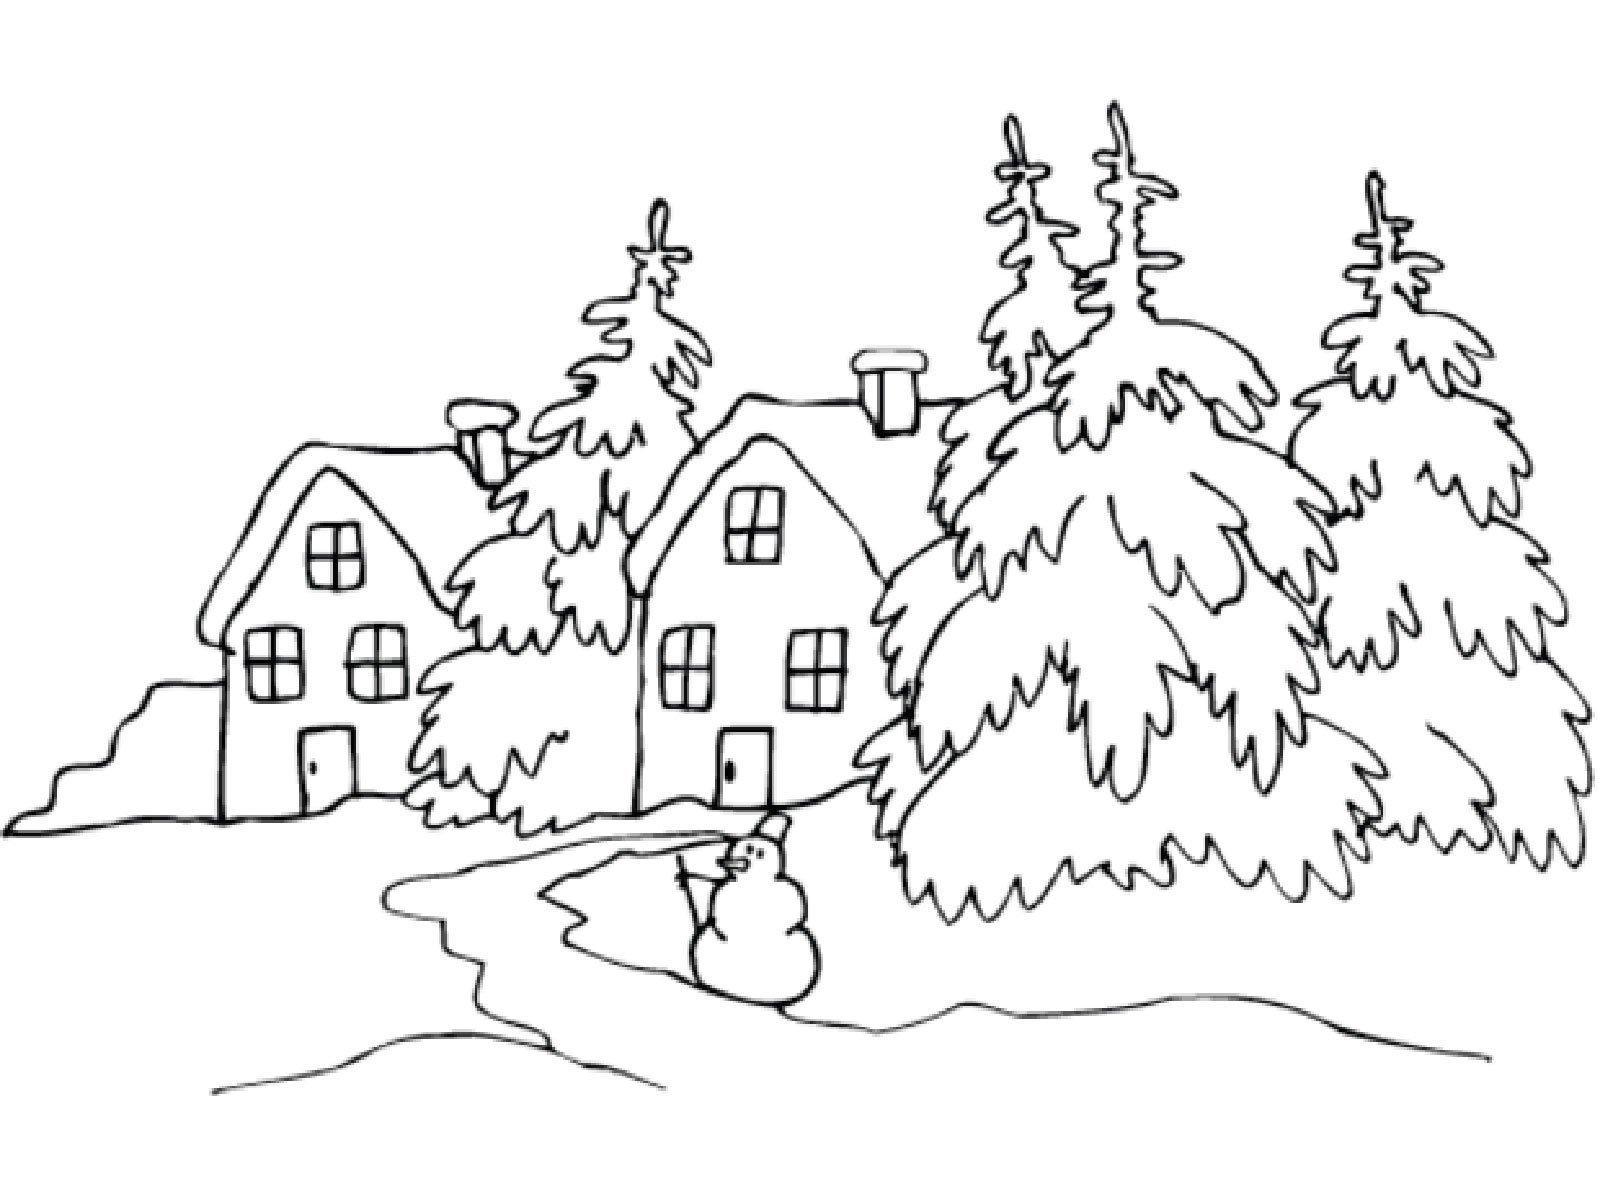 Как нарисовать красивую картинку карандашом легко о зиме, для